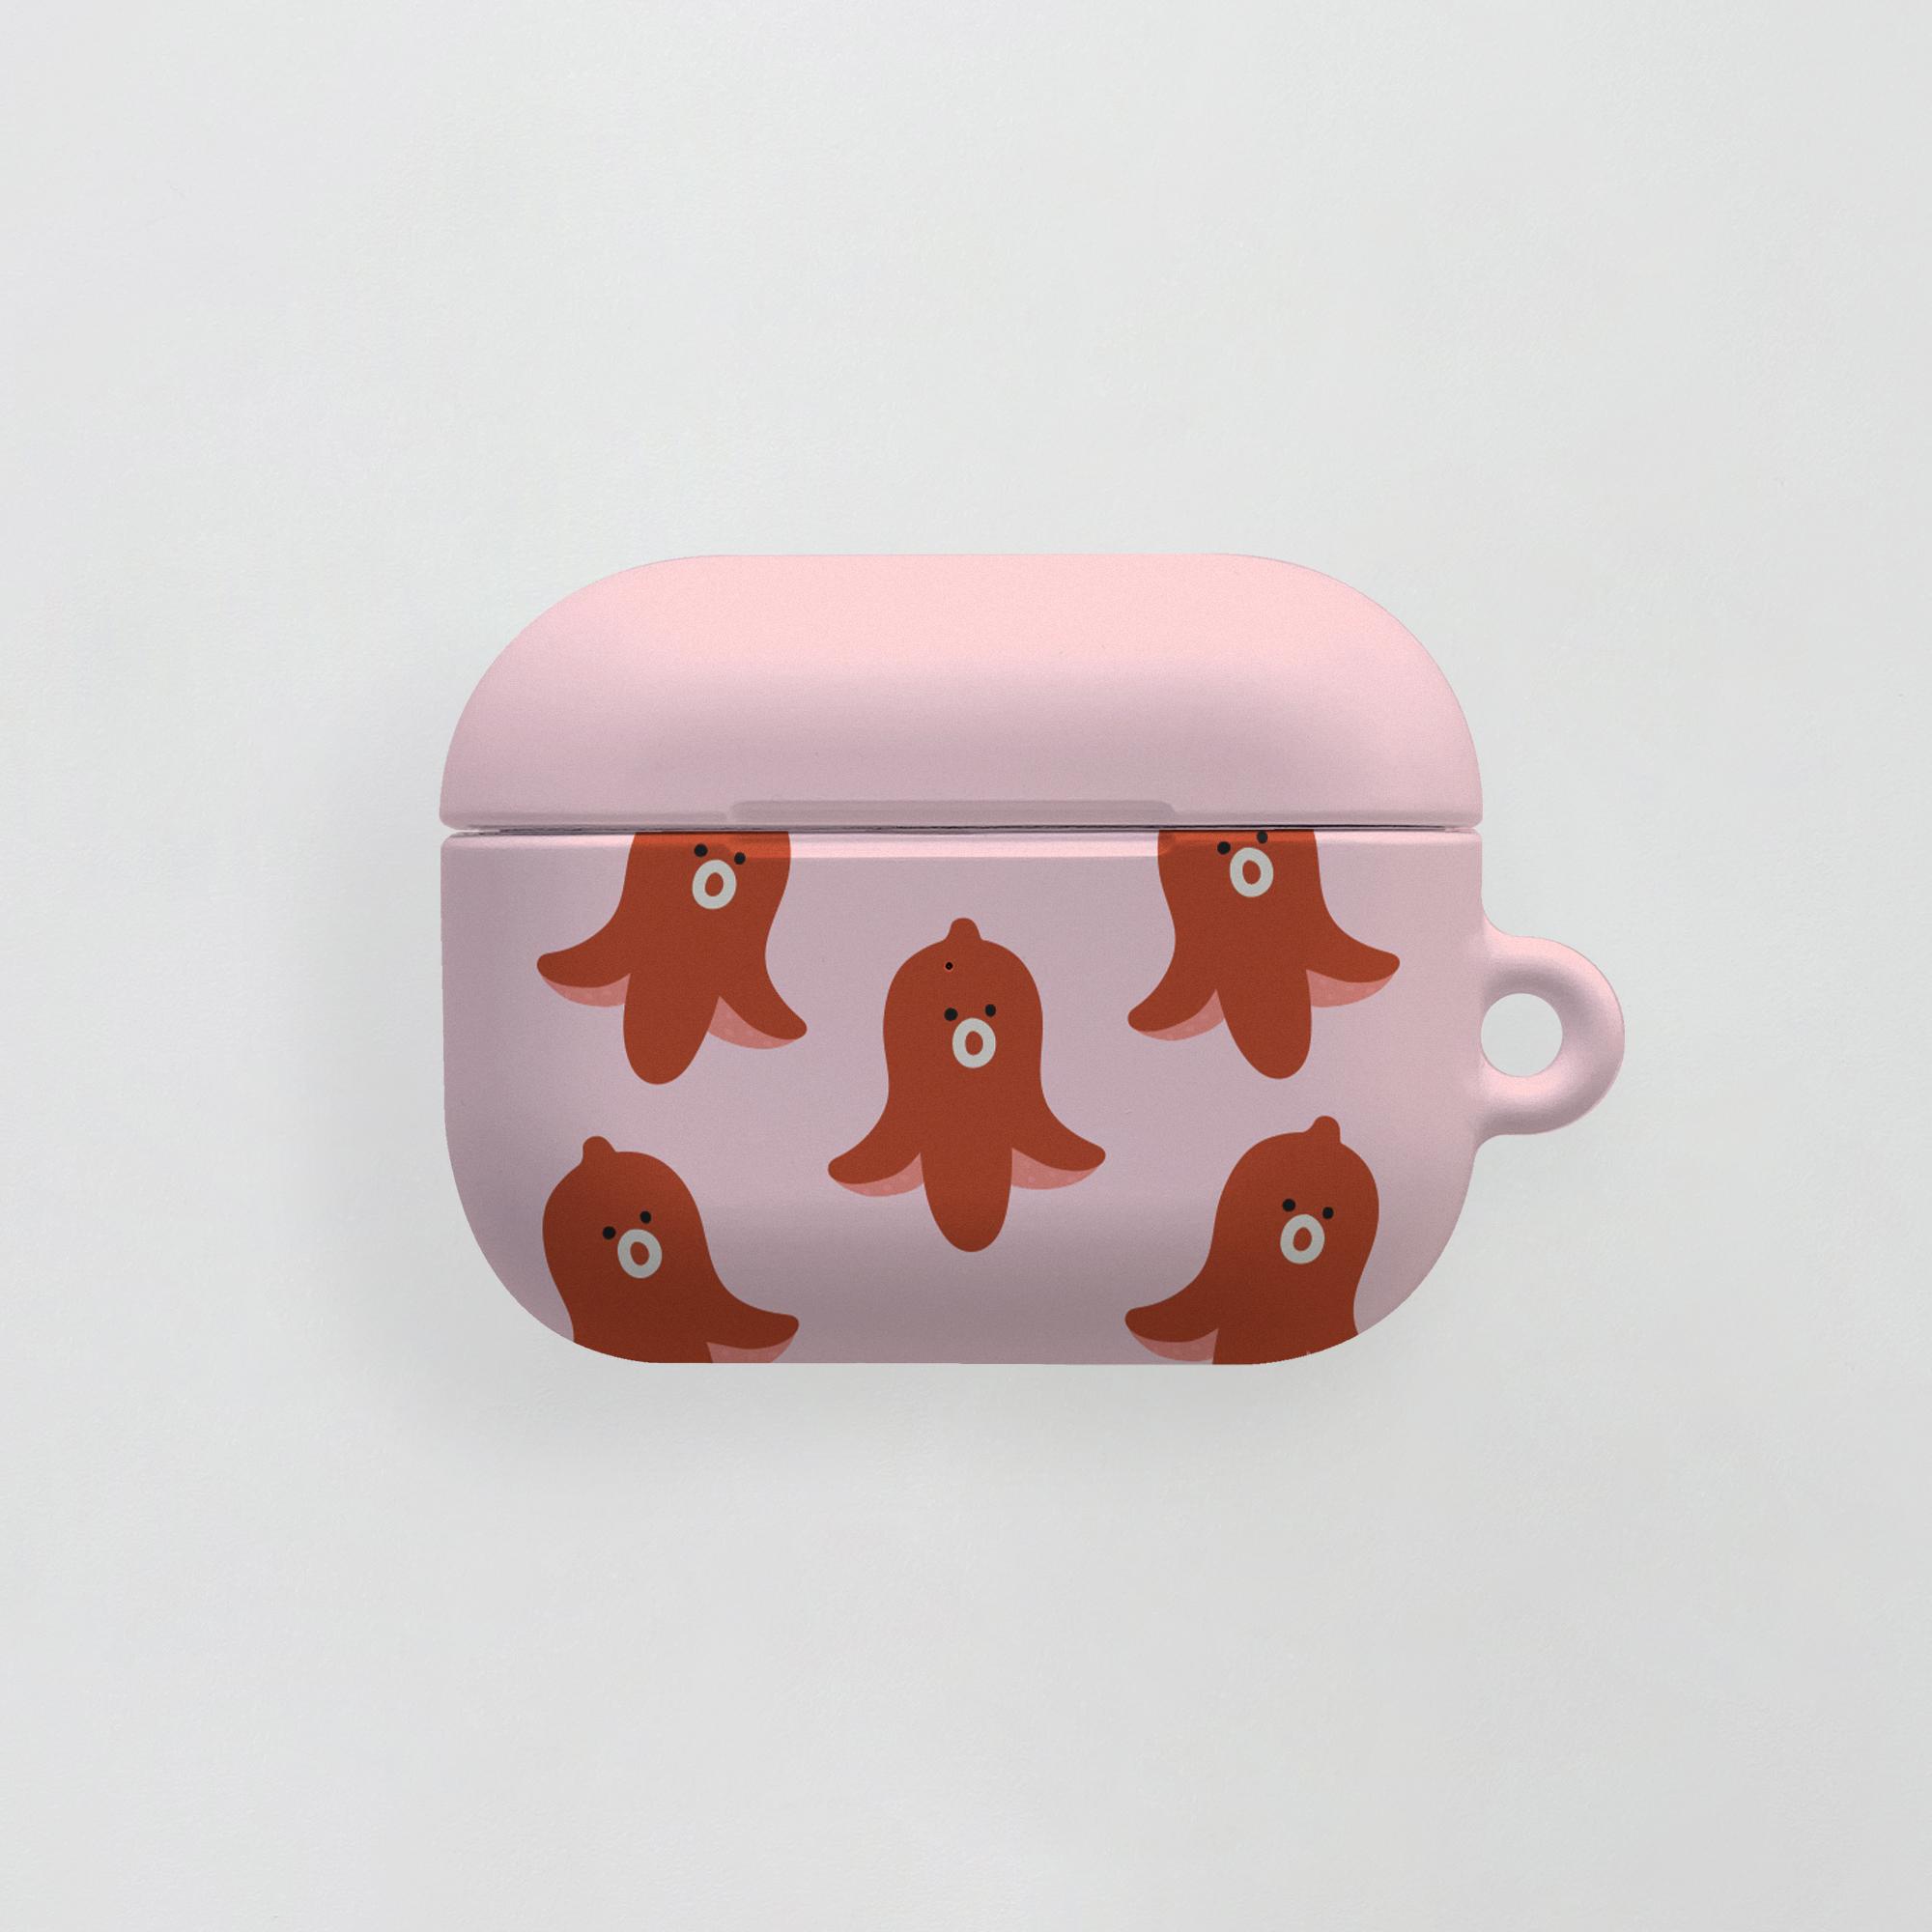 air pro) 무너 패턴 핑크 . 에어팟케이스 에어팟프로케이스 투명케이스 젤리 하드케이스 실리콘케이스